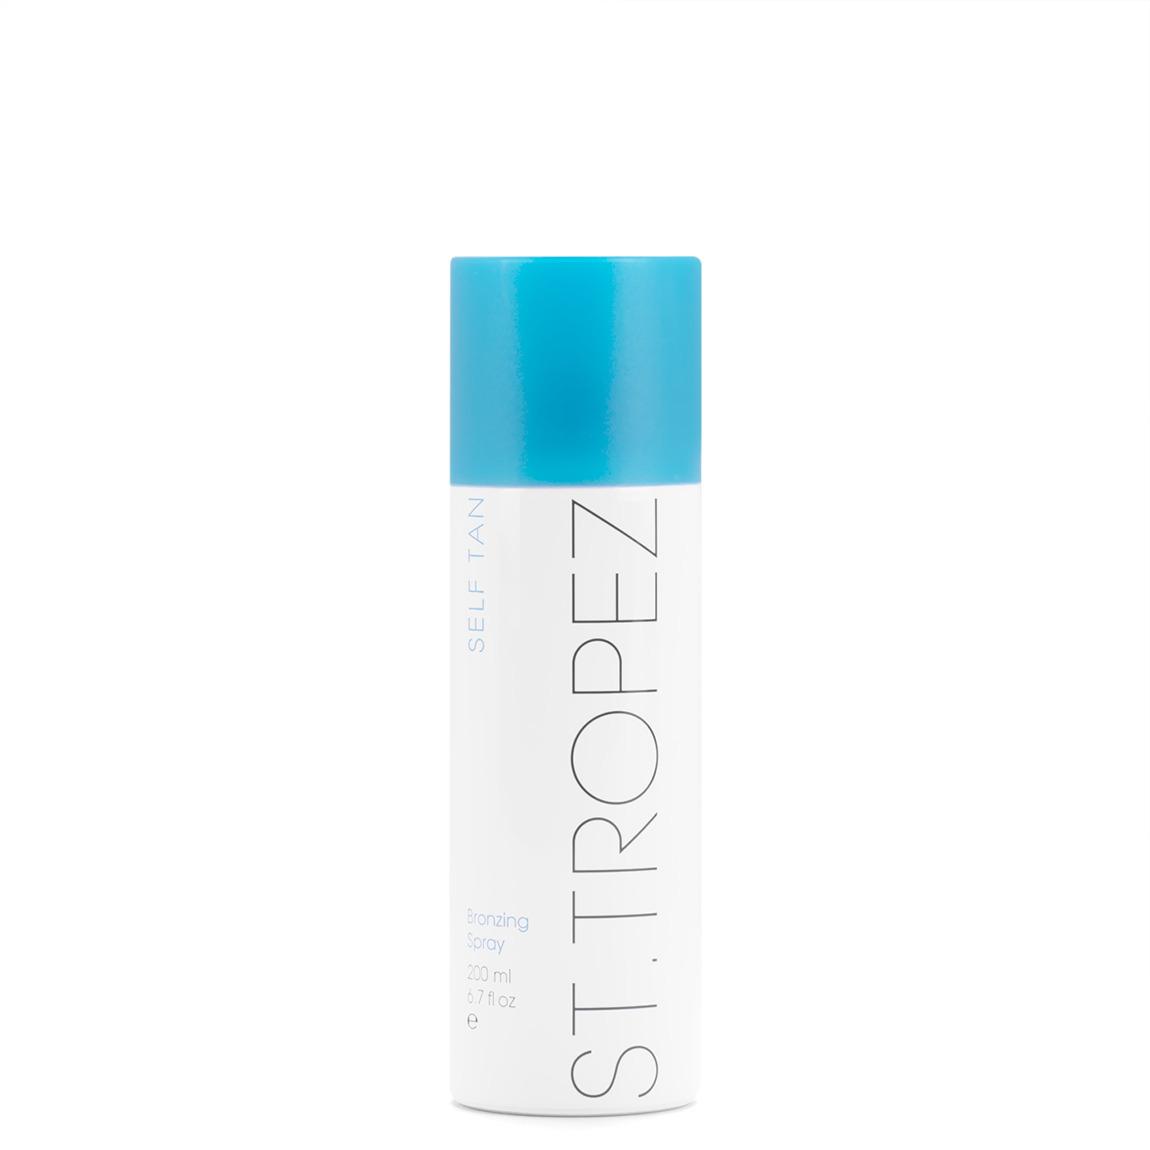 St. Tropez Self Tan Bronzing Spray product swatch.